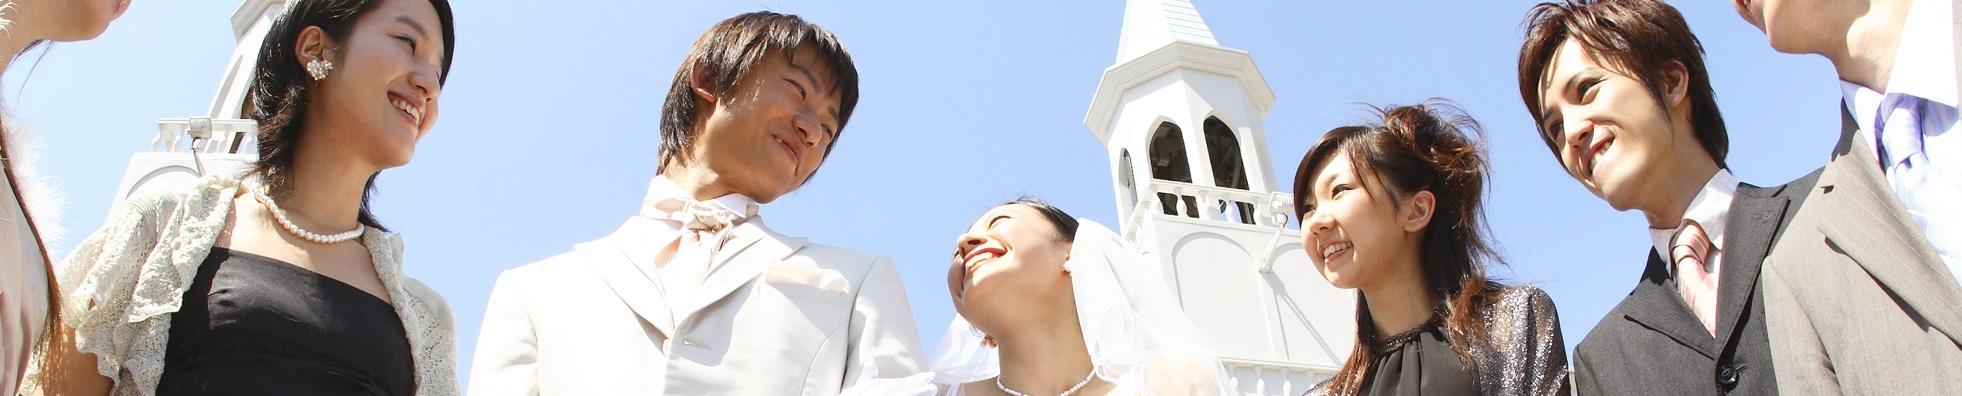 東出昌大と渡部健、女性はどっちの不倫を許せる?夫婦恋愛で浮気封じ基本8